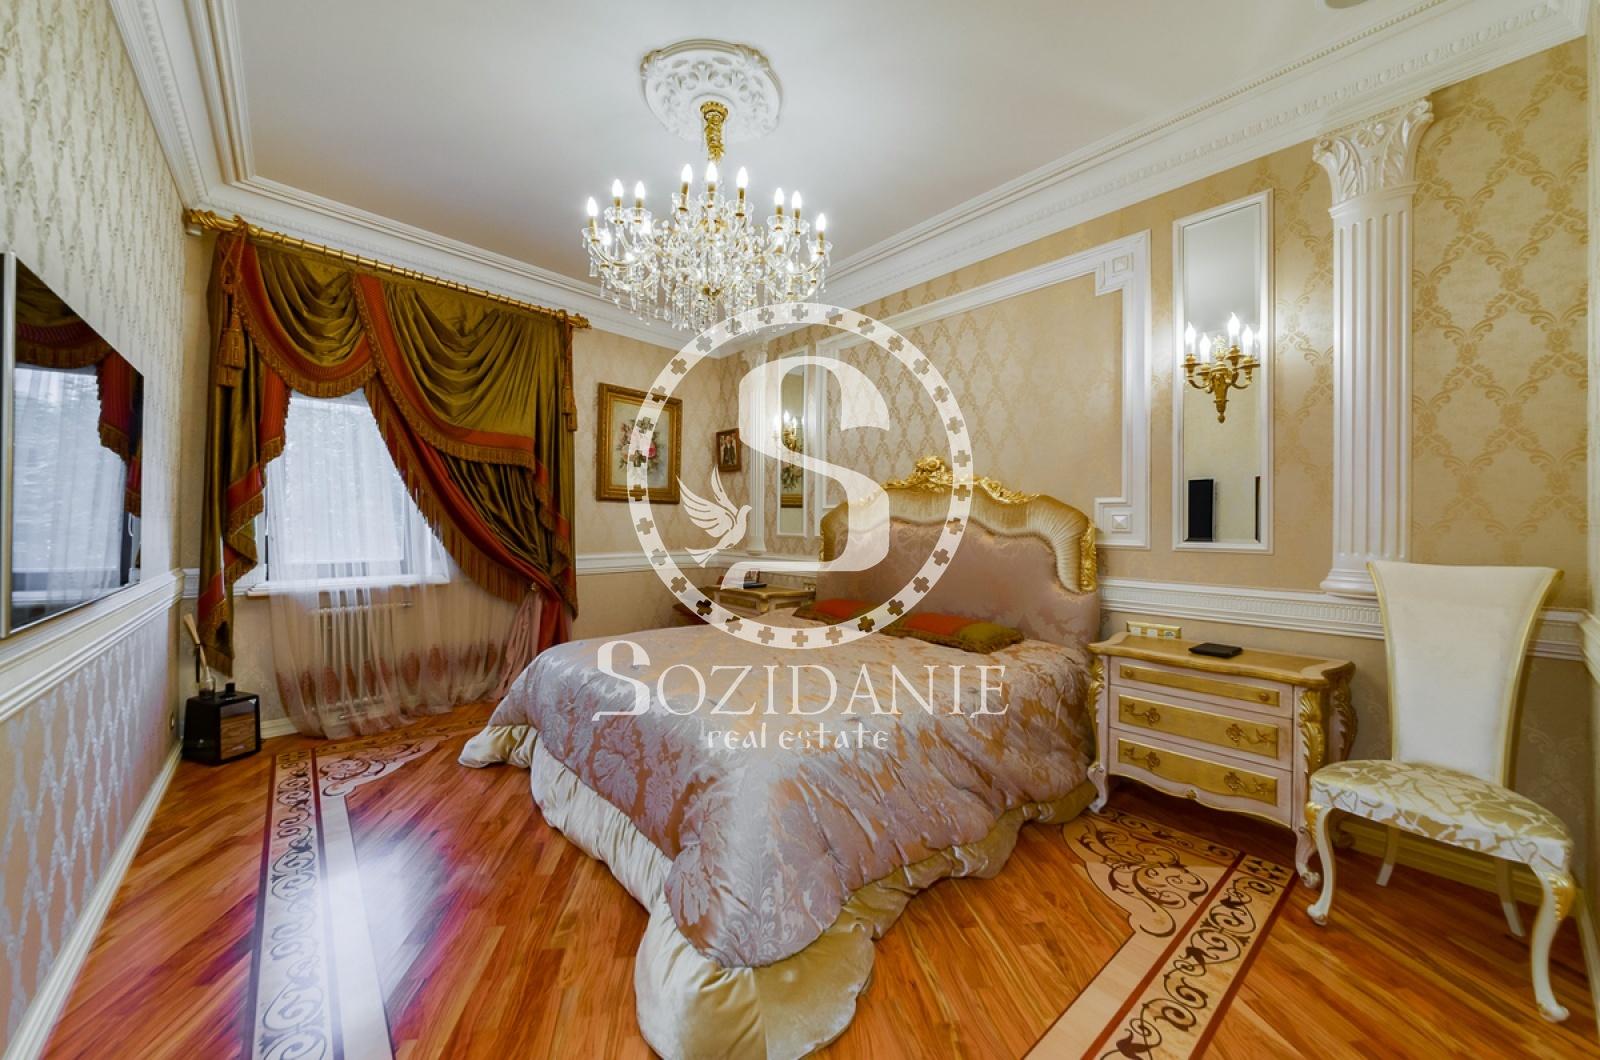 3 Комнаты, Городская, Продажа, Петровский бульвар, Listing ID 3426, Москва, Россия,